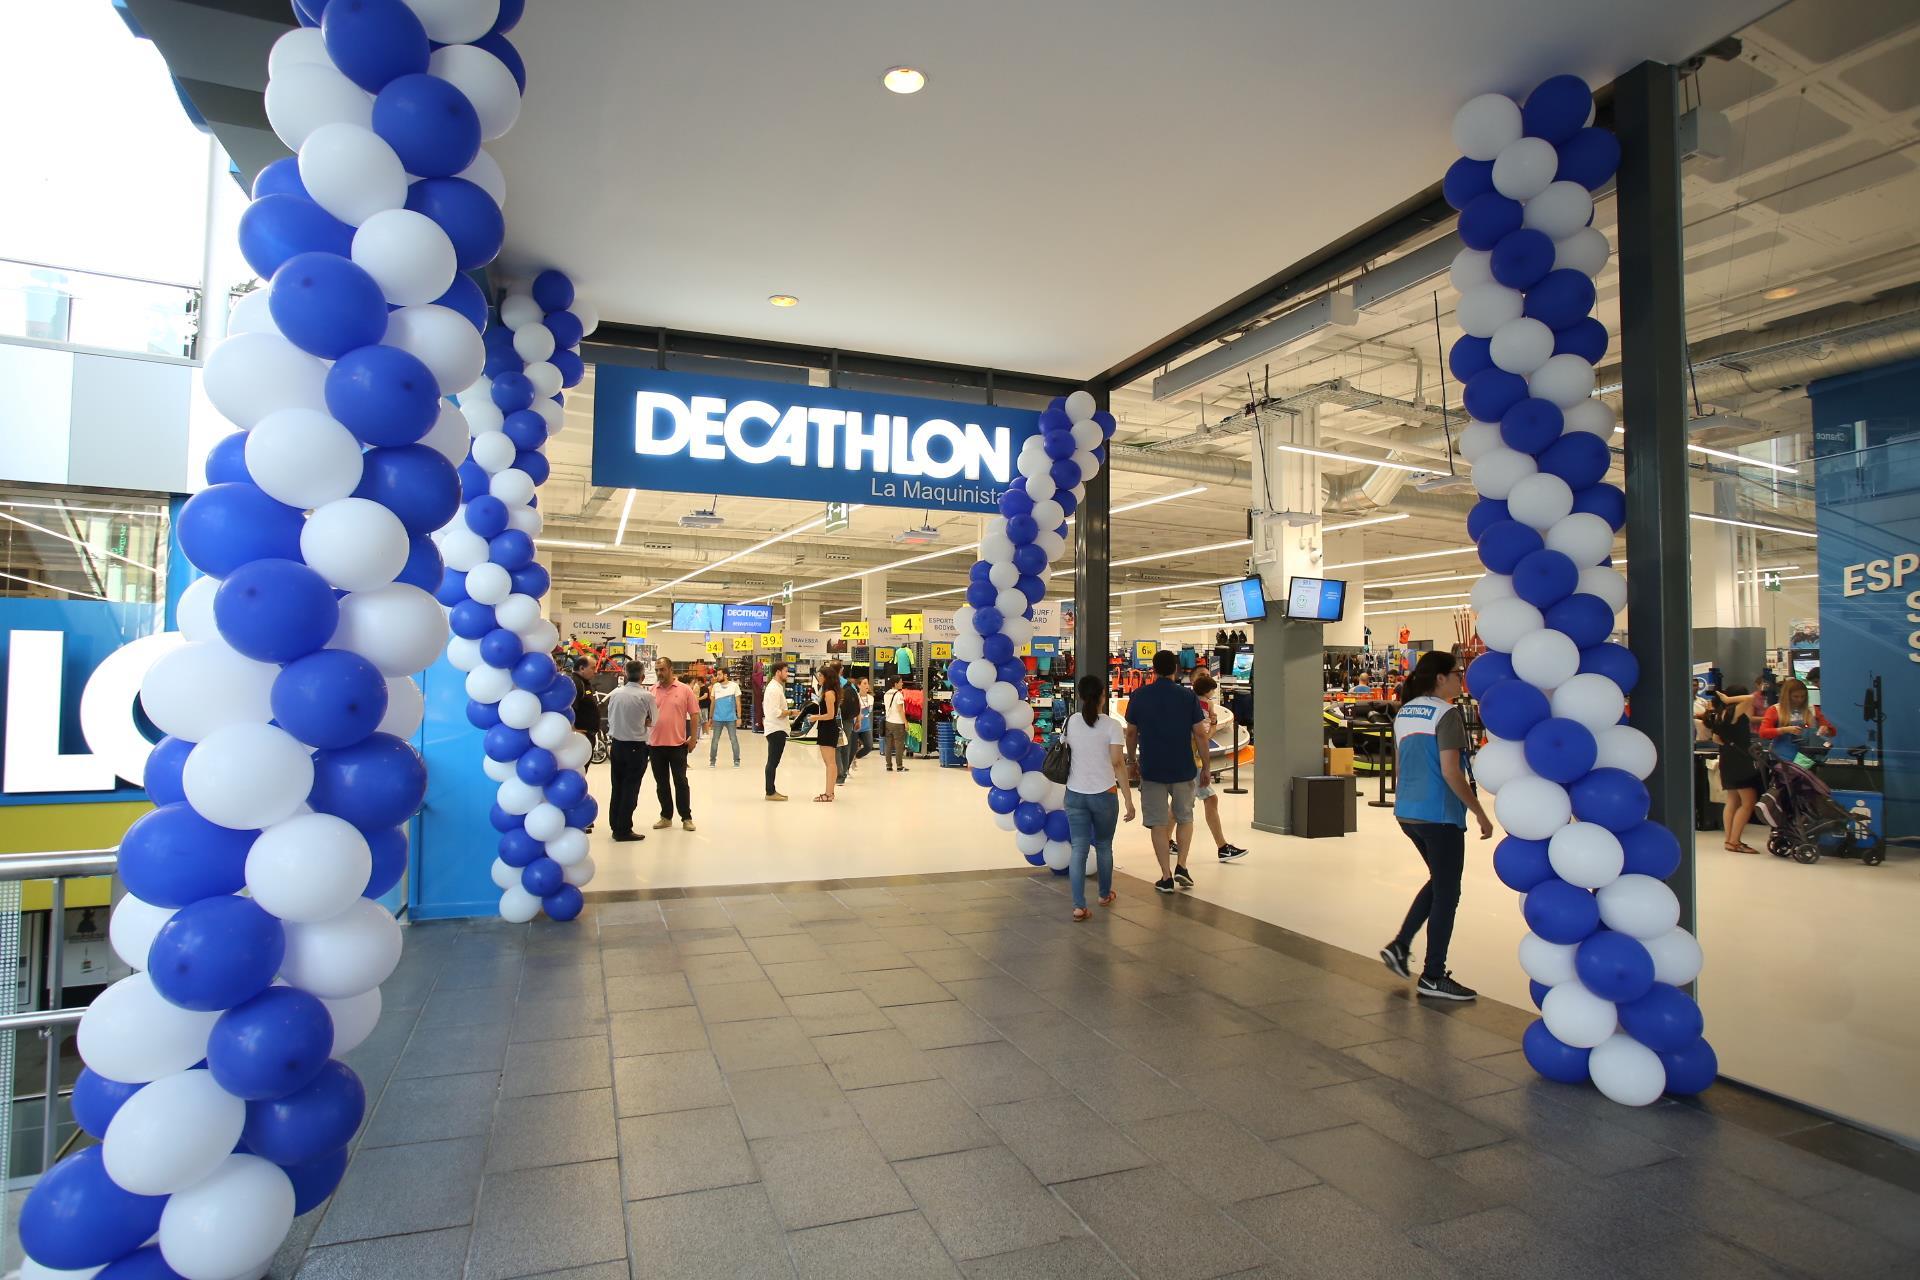 Decathlon abri una nueva tienda en el centro comercial la - Centro comercial maquinista barcelona ...